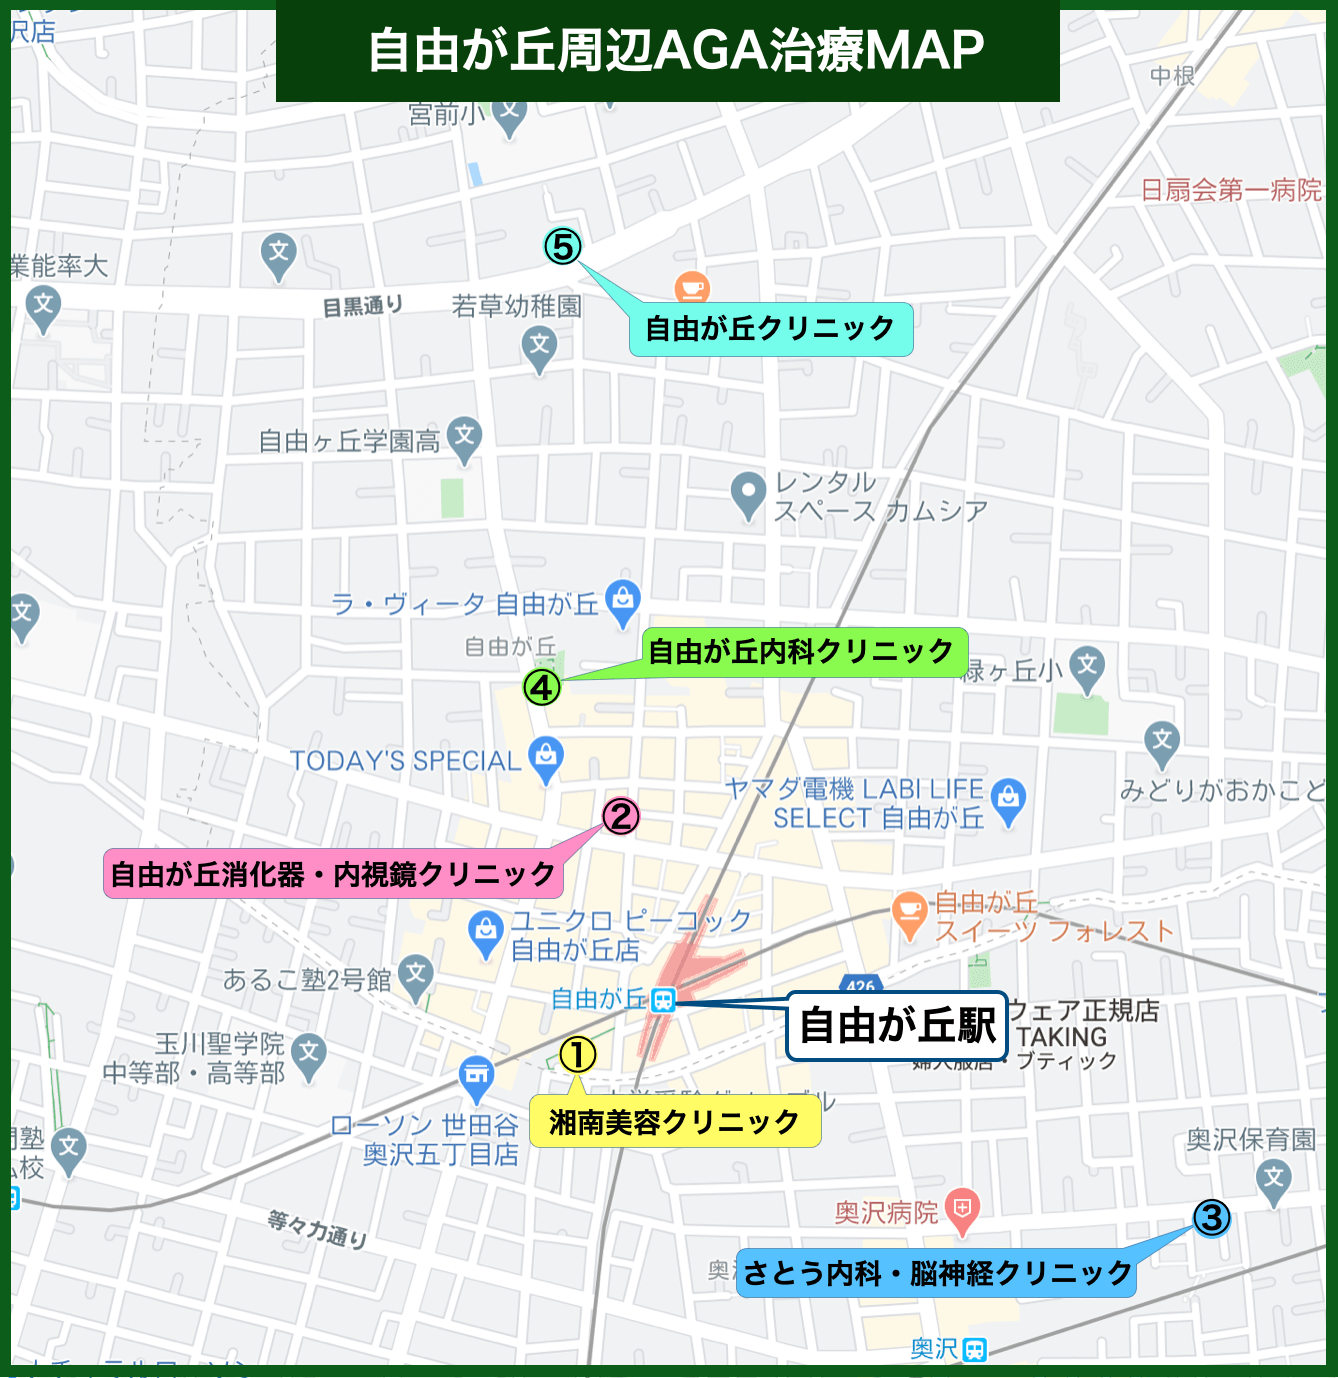 自由が丘周辺AGA治療MAP